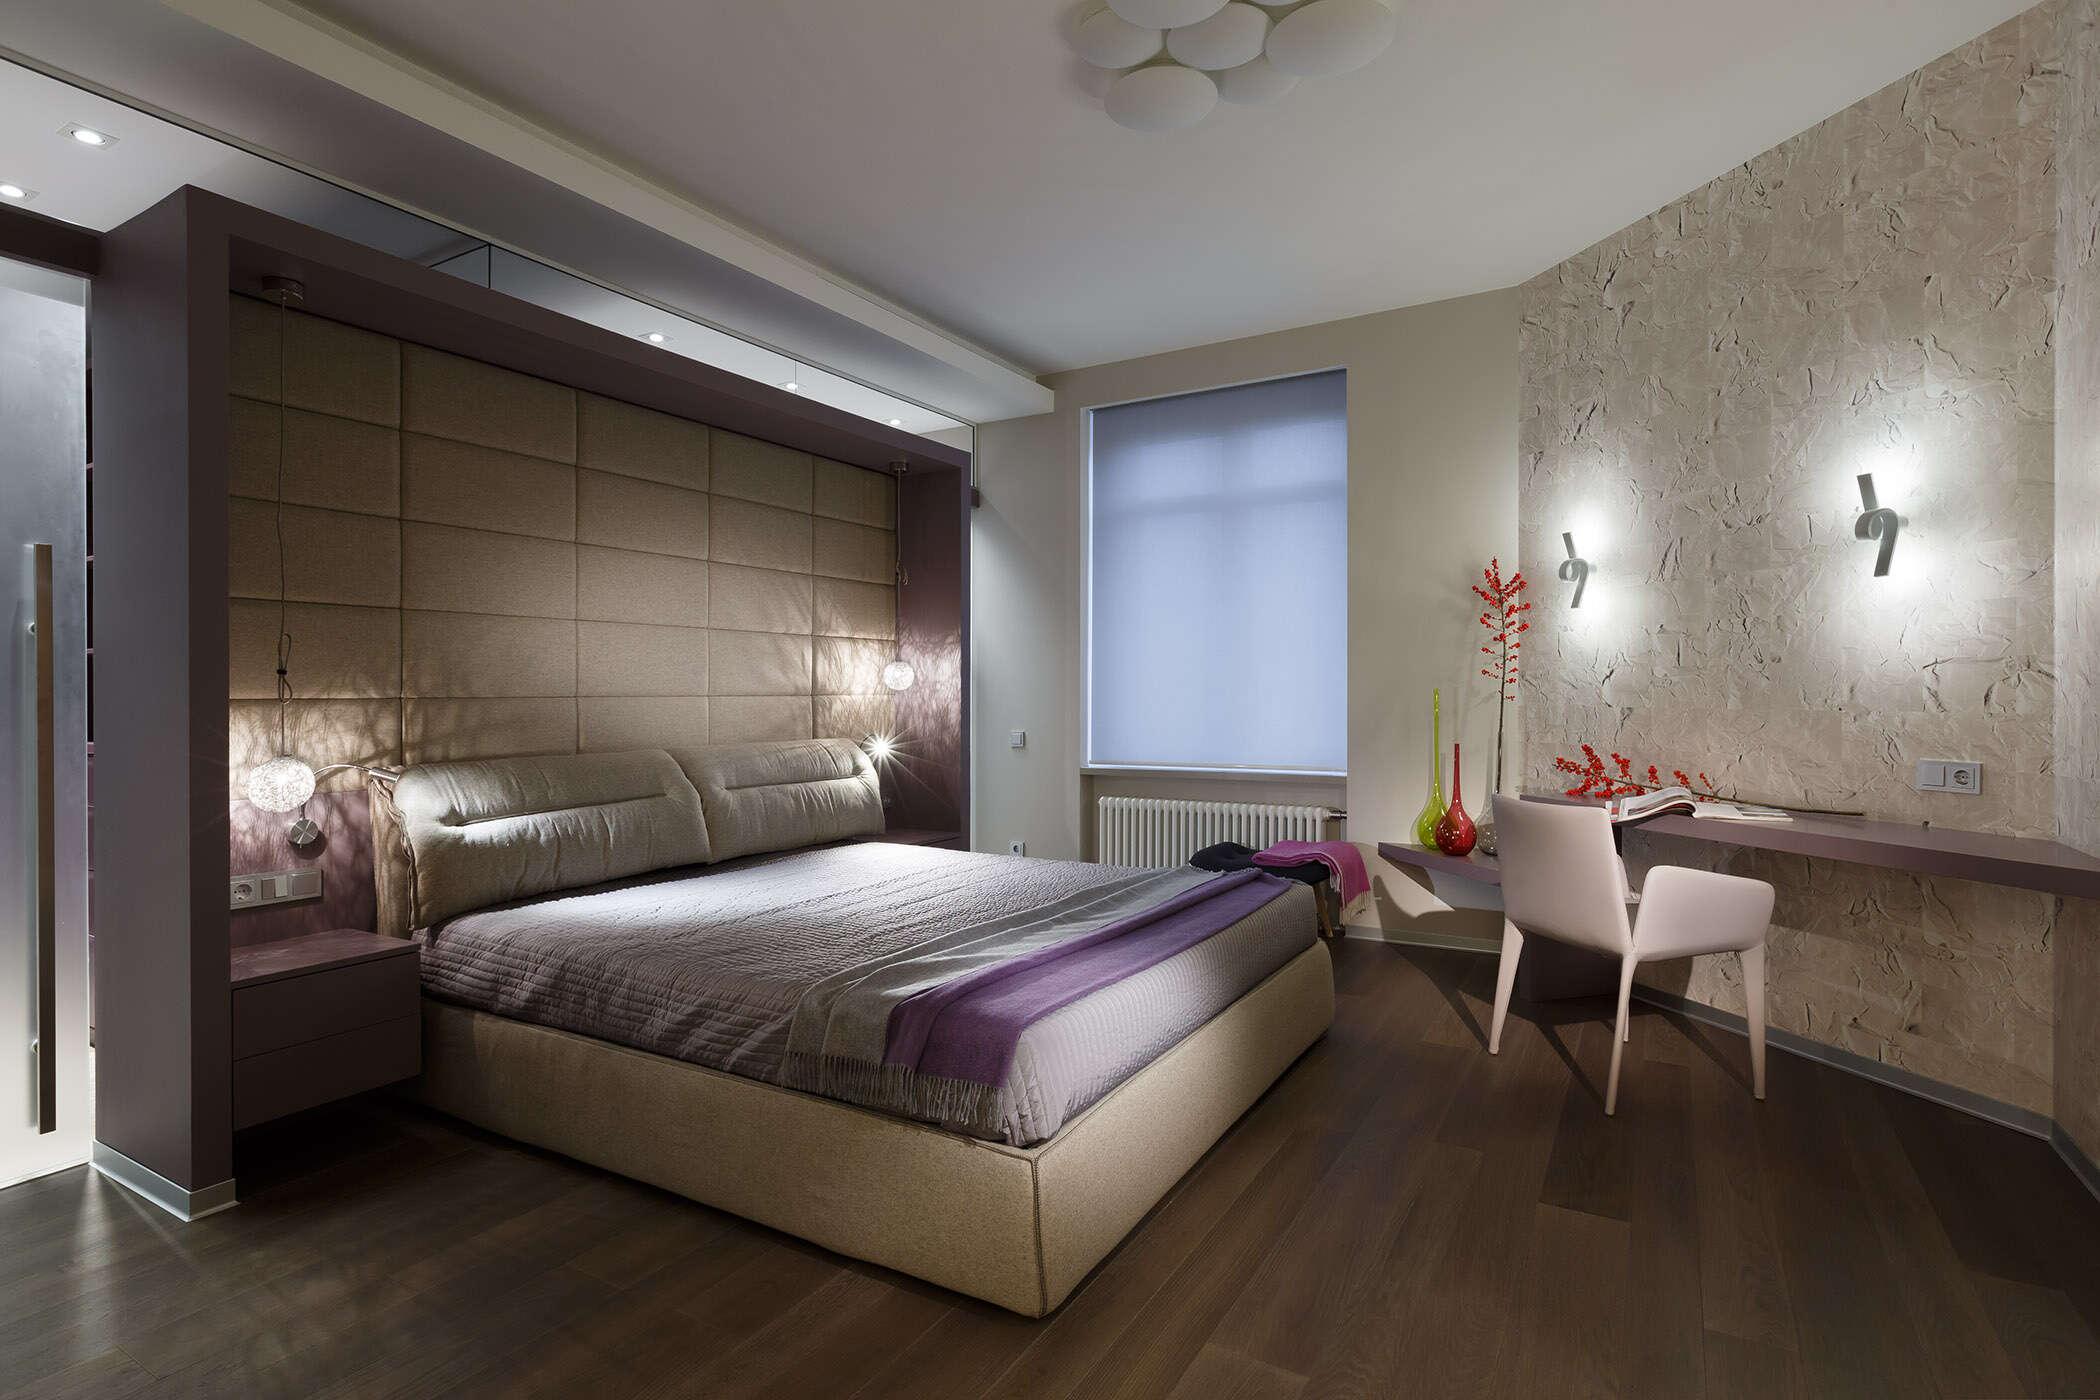 Дизайн интерьера квартиры 170 кв.м.